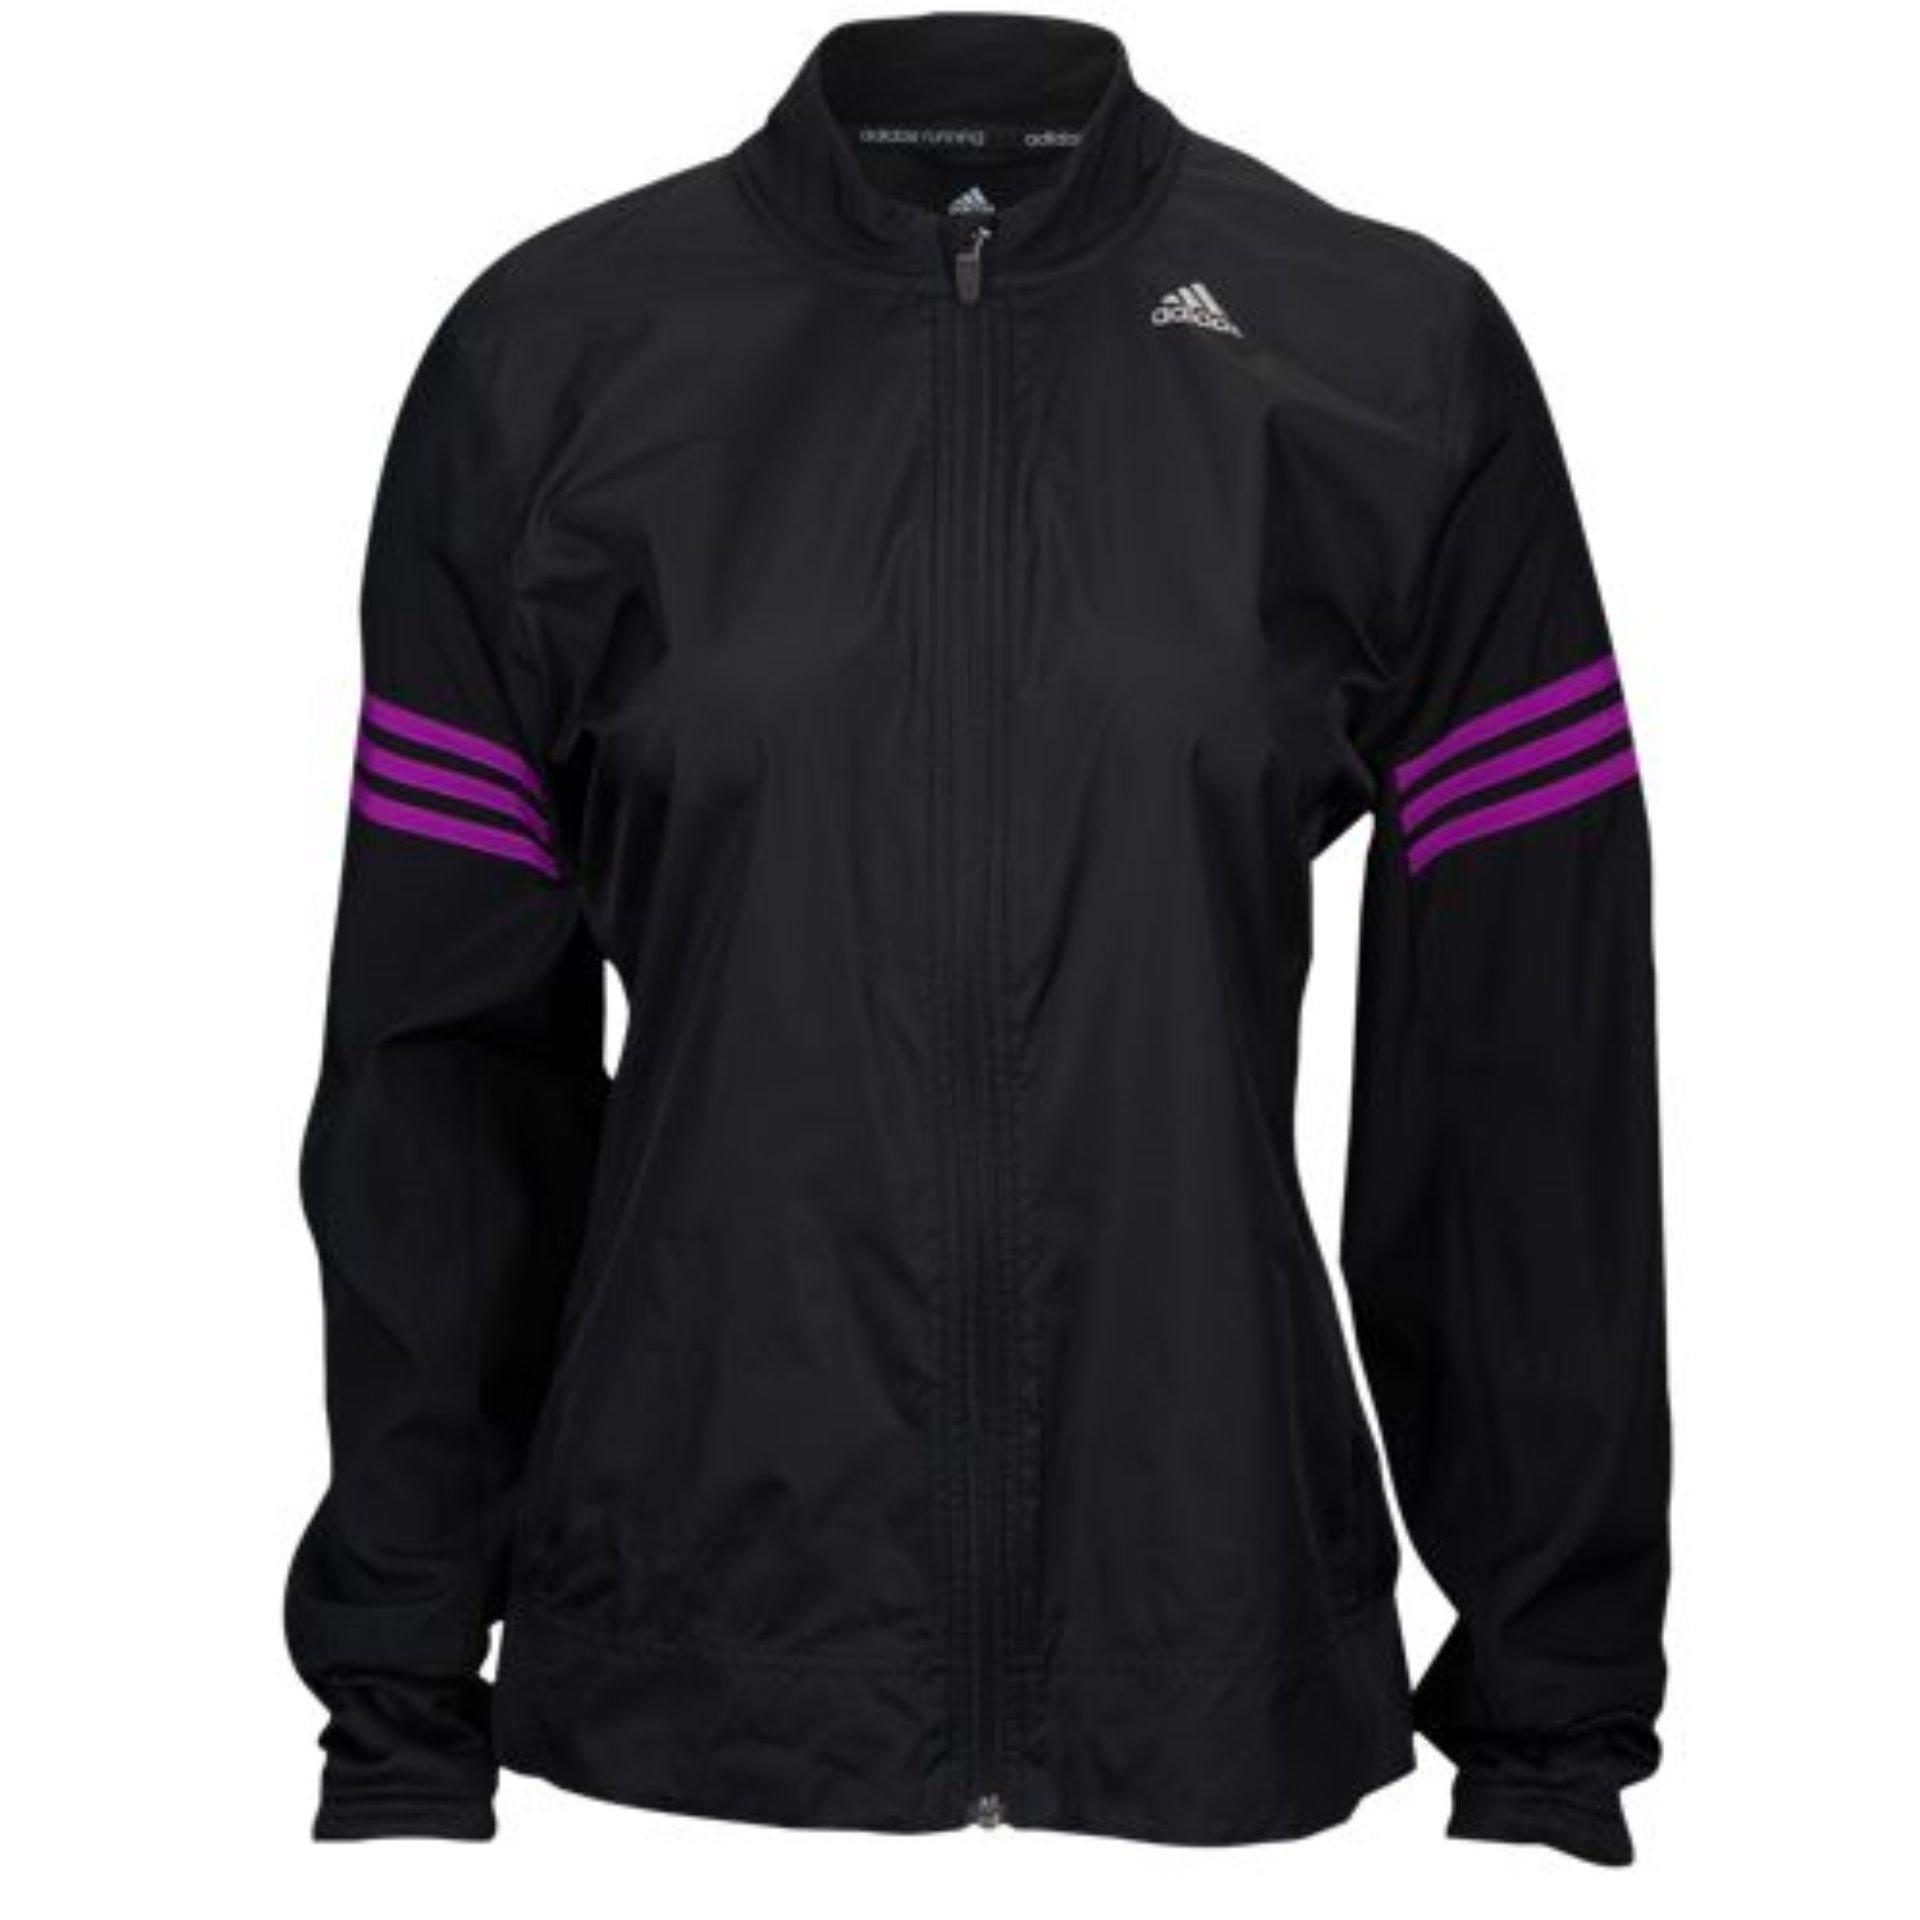 Beli Adidas Wind Breaker Jacket W Ax6565 Hitam Adidas Dengan Harga Terjangkau